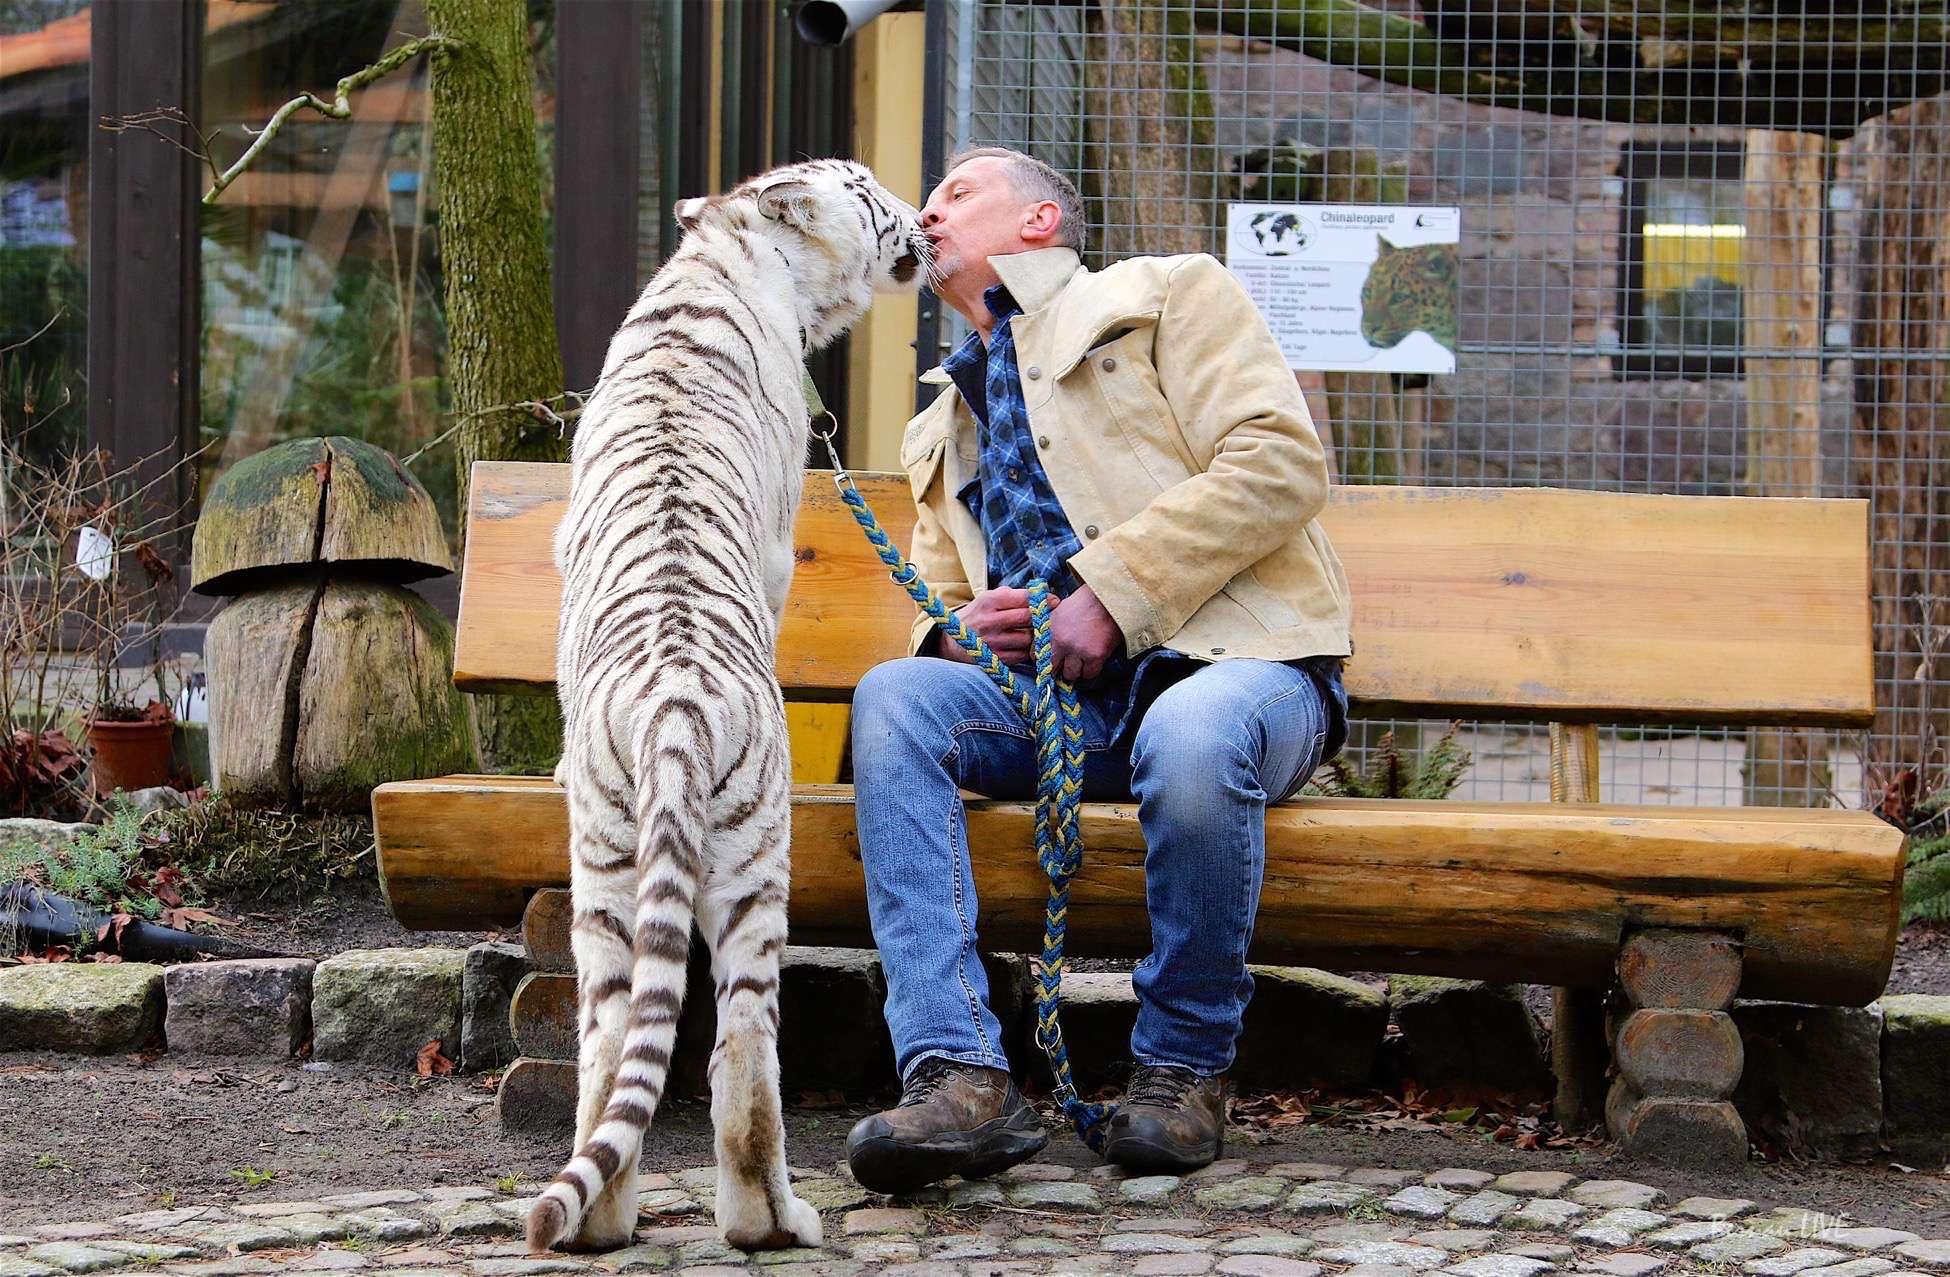 Themenabend im Tierheim Ladeburg - Renato Rafael und Wildkatzen